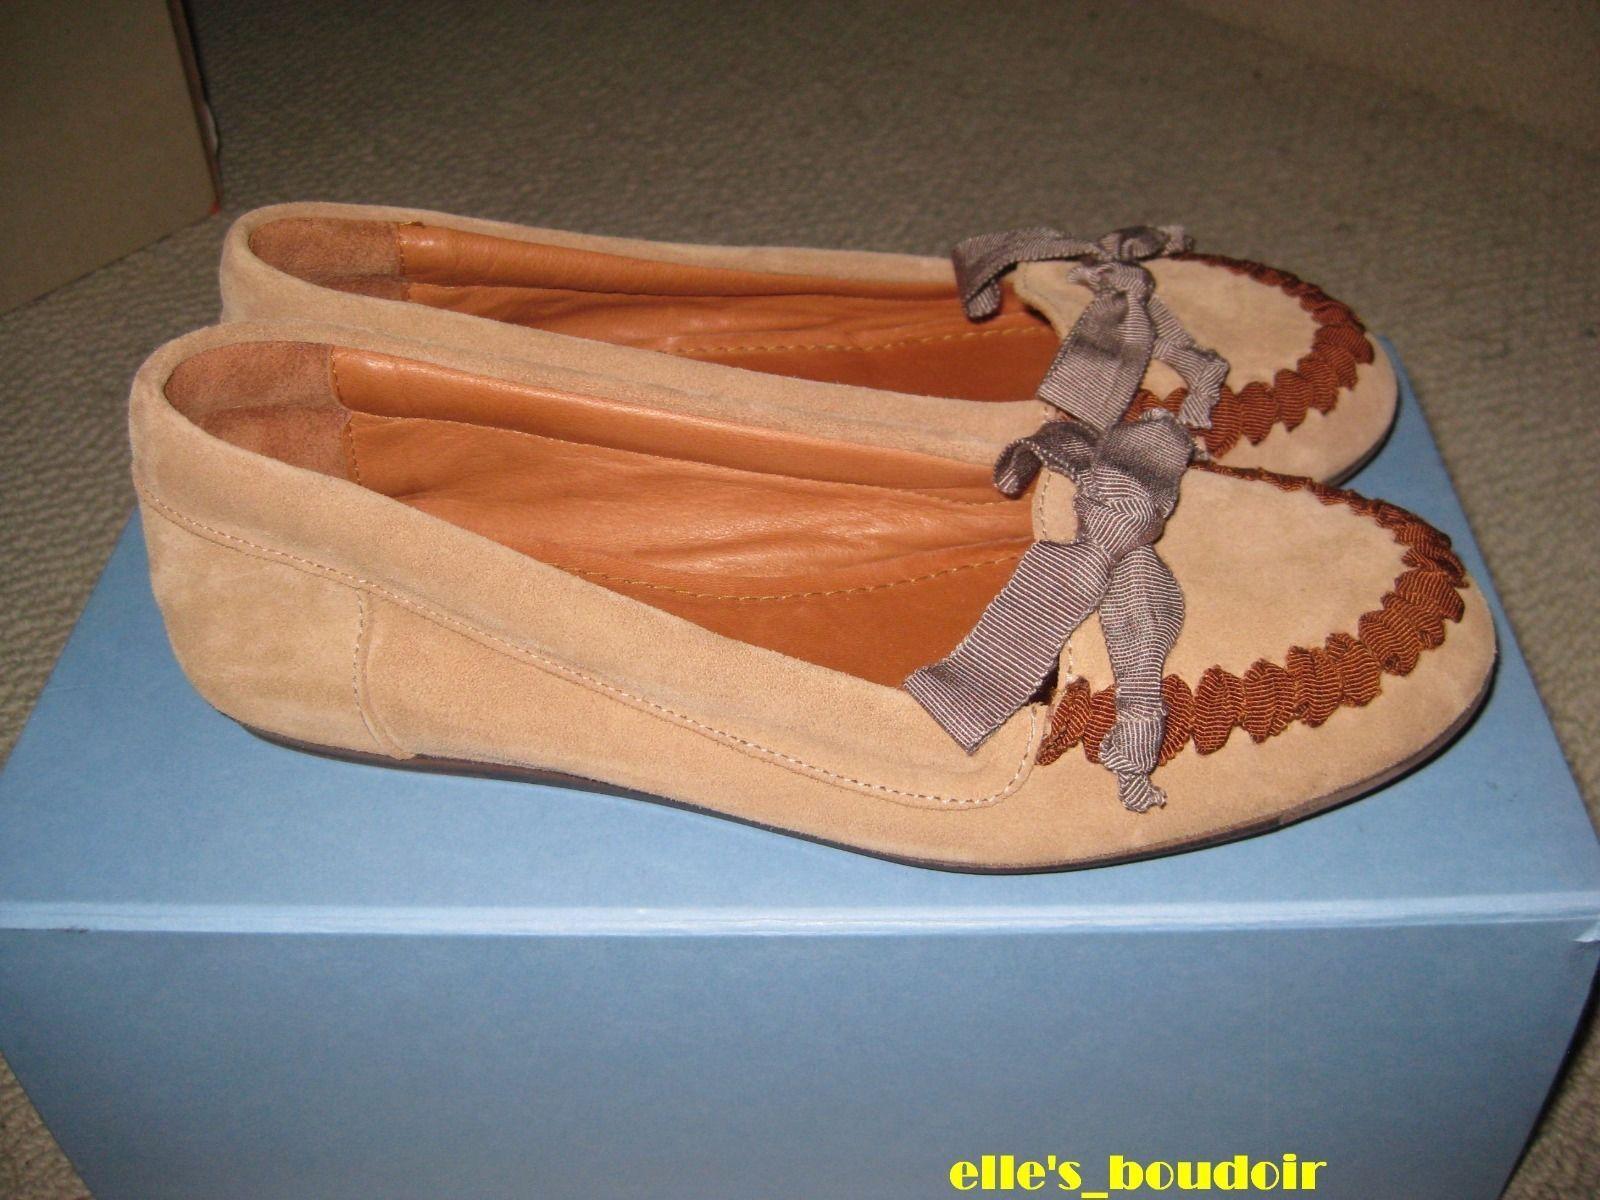 NIB LANVIN Paris Brown Moccasins Flats Shoes 37 Woman's US size 7 $565